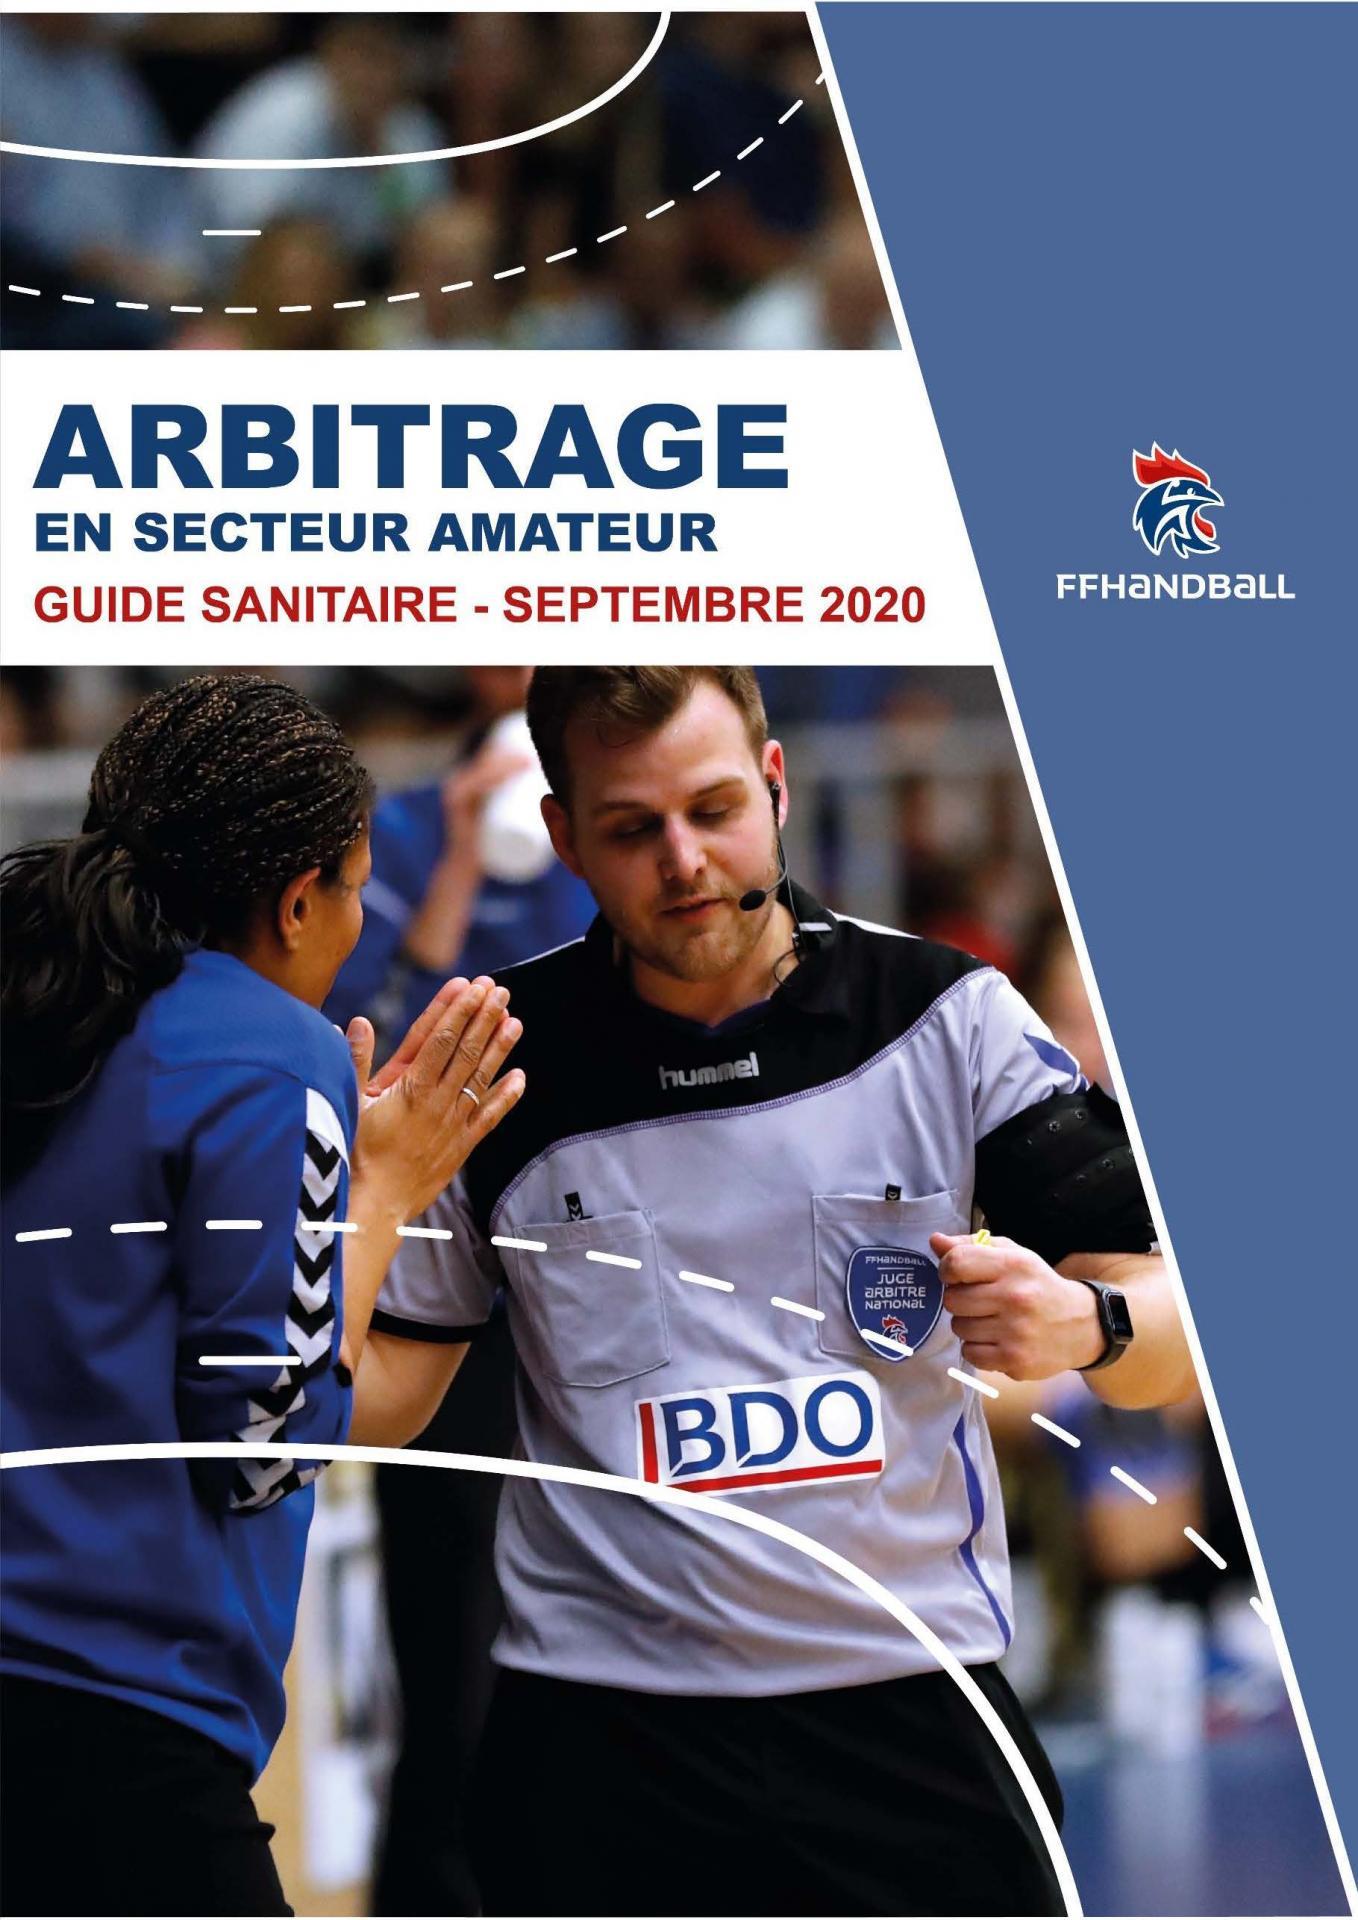 Guide sanitaire arbitrage secteur amateur page 1